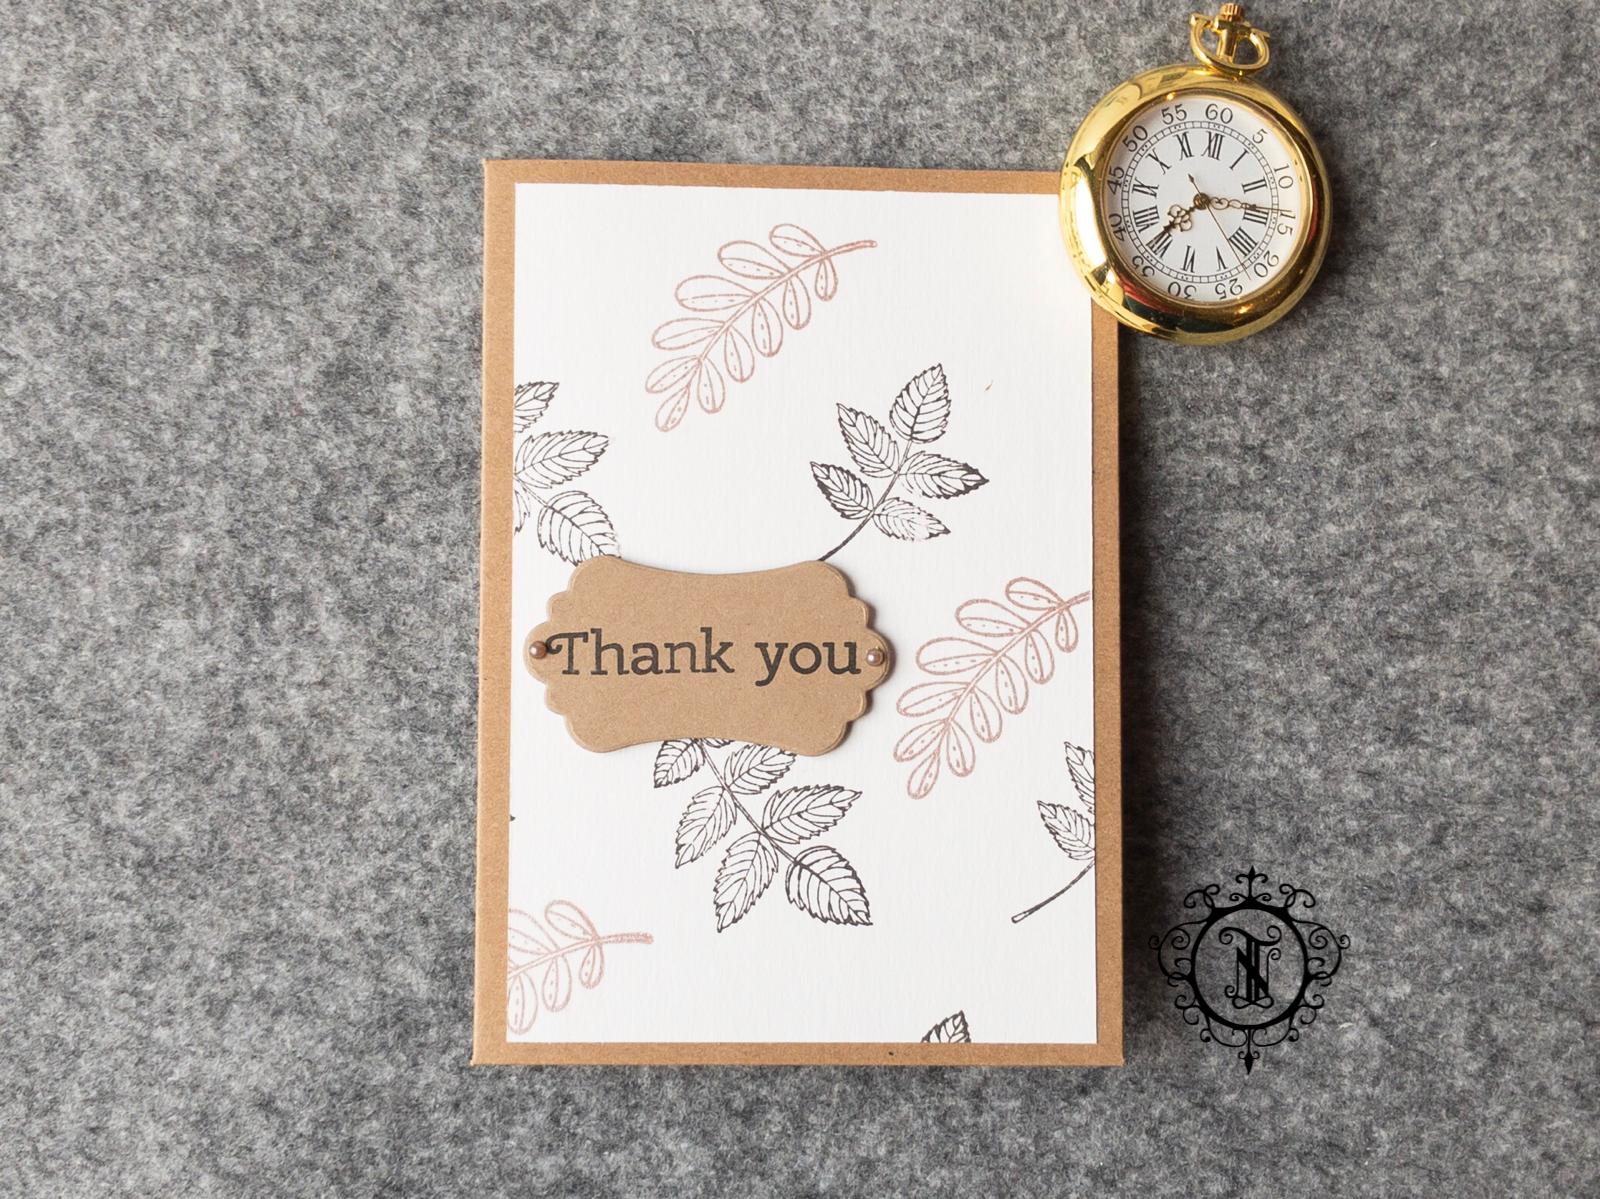 braune Kraftkarton-Karte. Als Hintergrund ein weisses Blatte mit ausgestempelten Blättern. Ein Thankn You Schild.